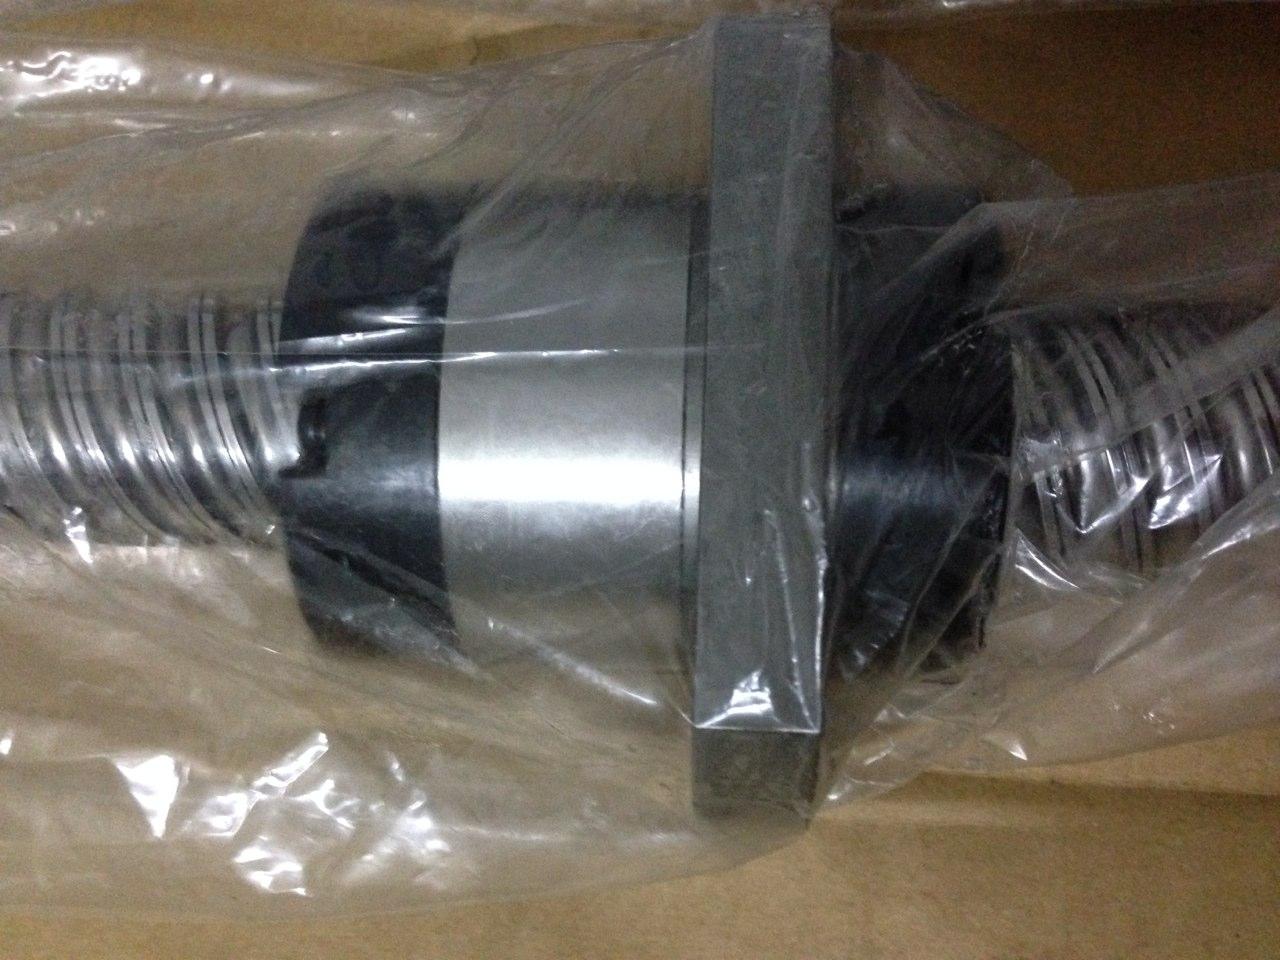 滚珠花键ISLT 圆筒型 滚珠花键厂家台湾原装进口滚珠花键精密SLT法兰型实心轴花键